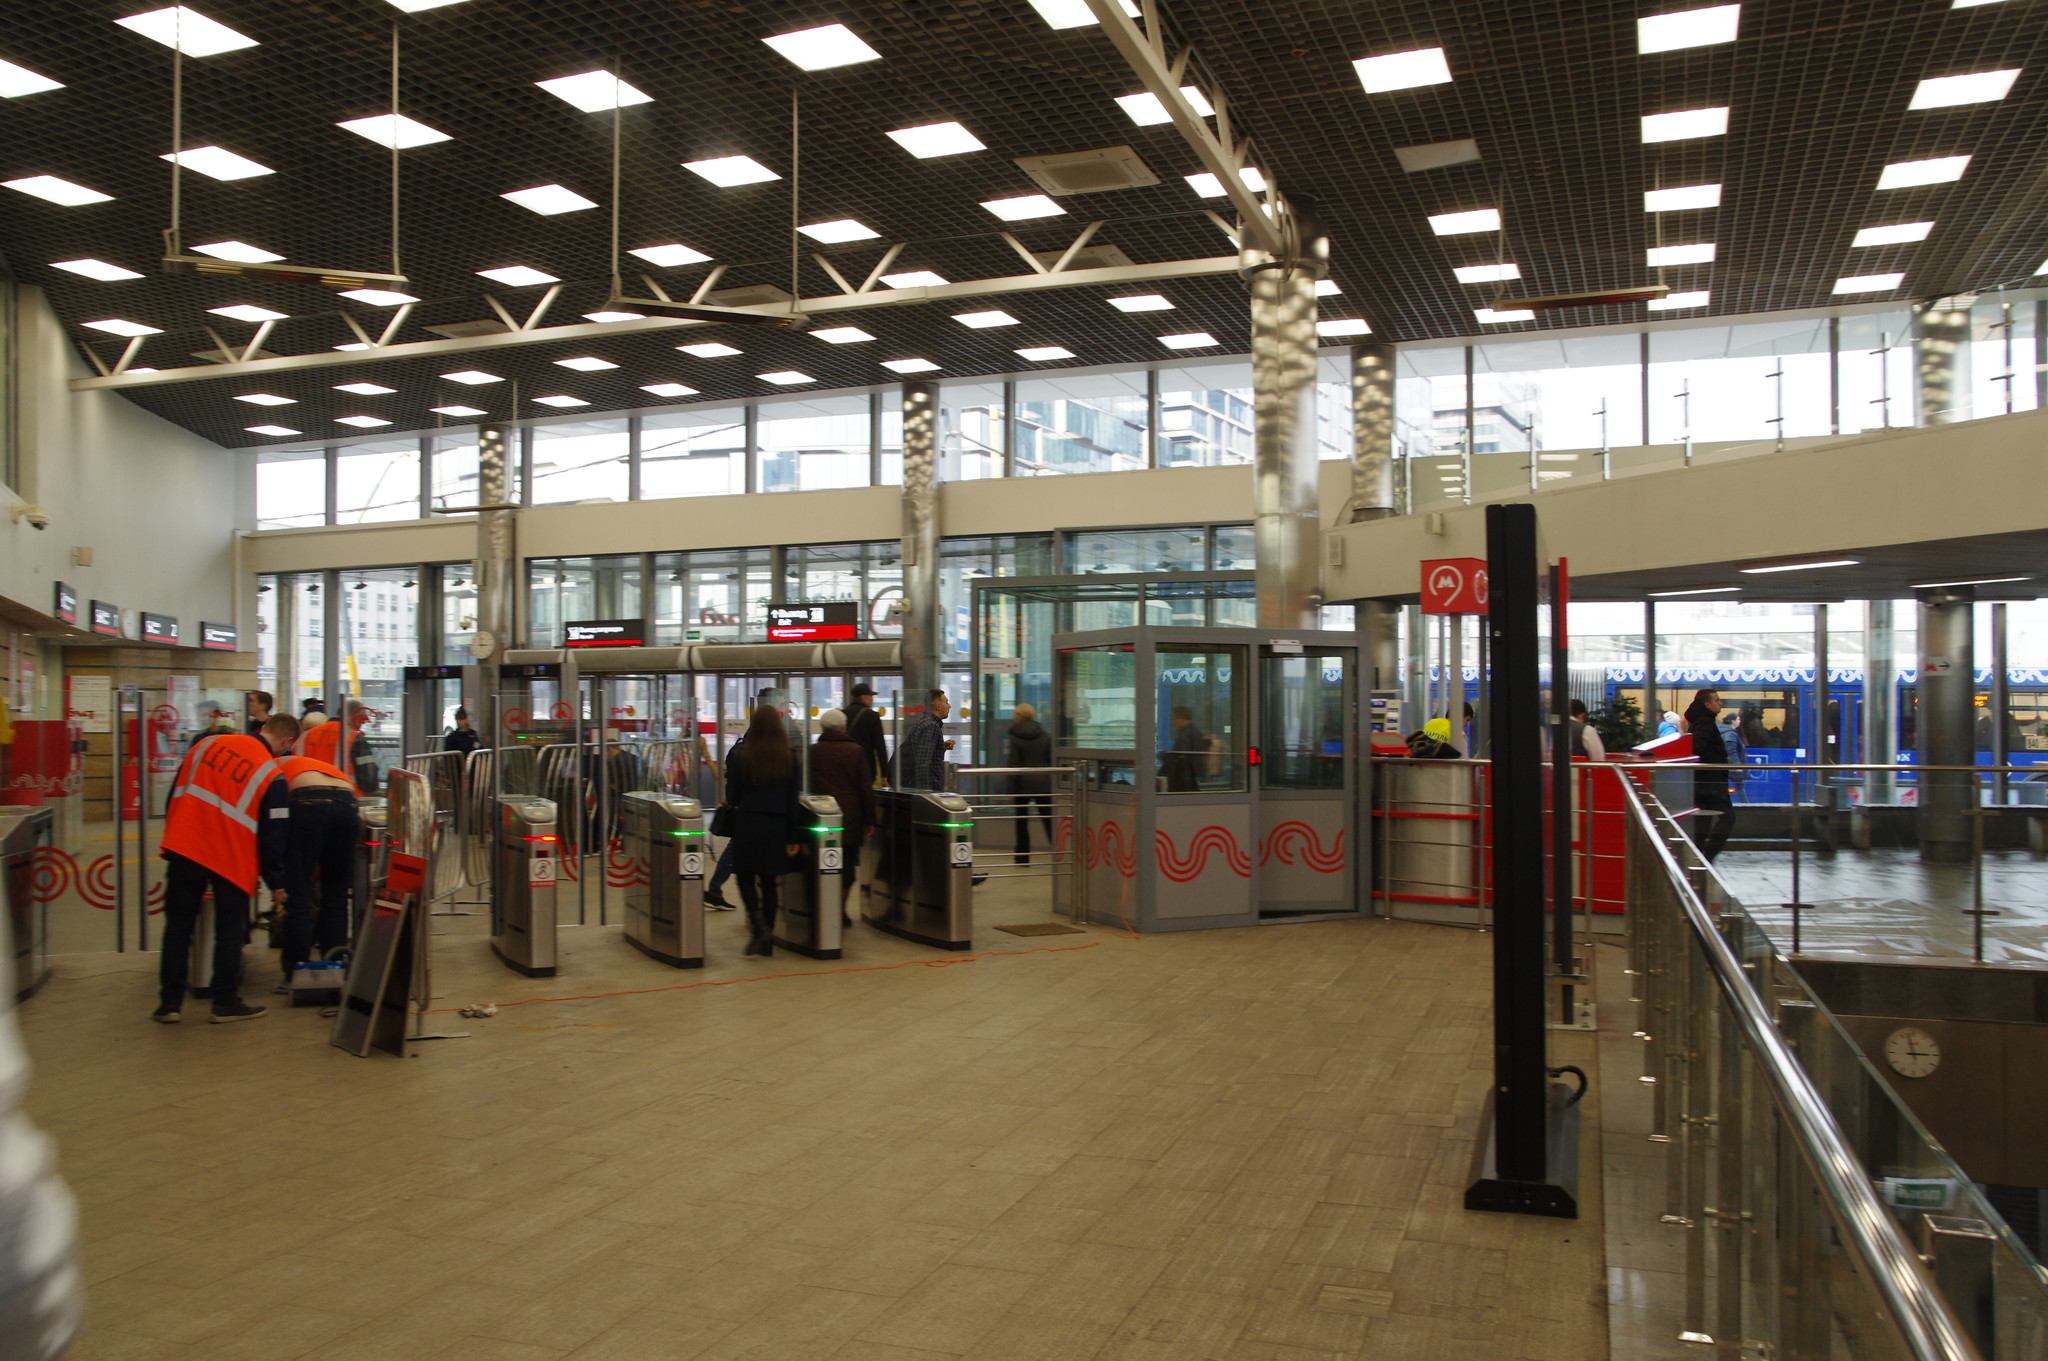 Переход на станцию «Кутузовская» МЦК с вестибюля станции метро «Кутузовская»